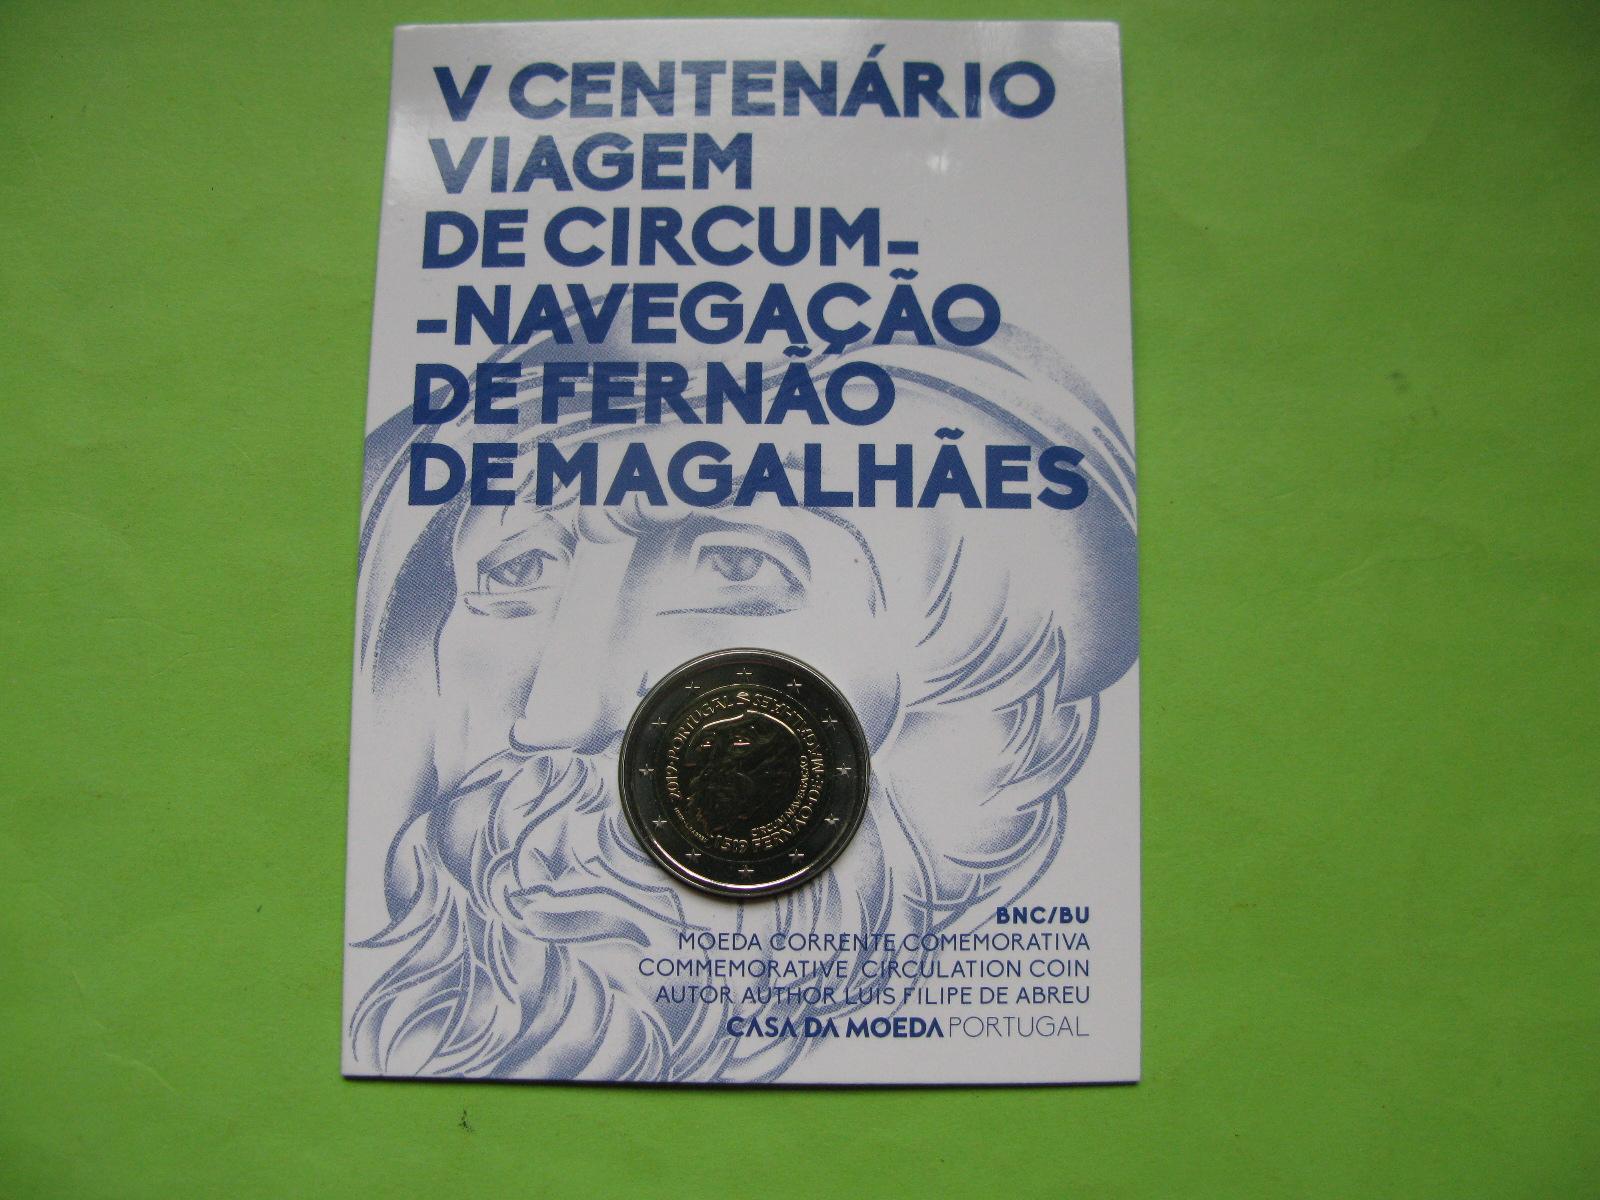 Португалия 2 евро 2019 г. 500-летие кругосветного плавания Магеллана ( в карточке)